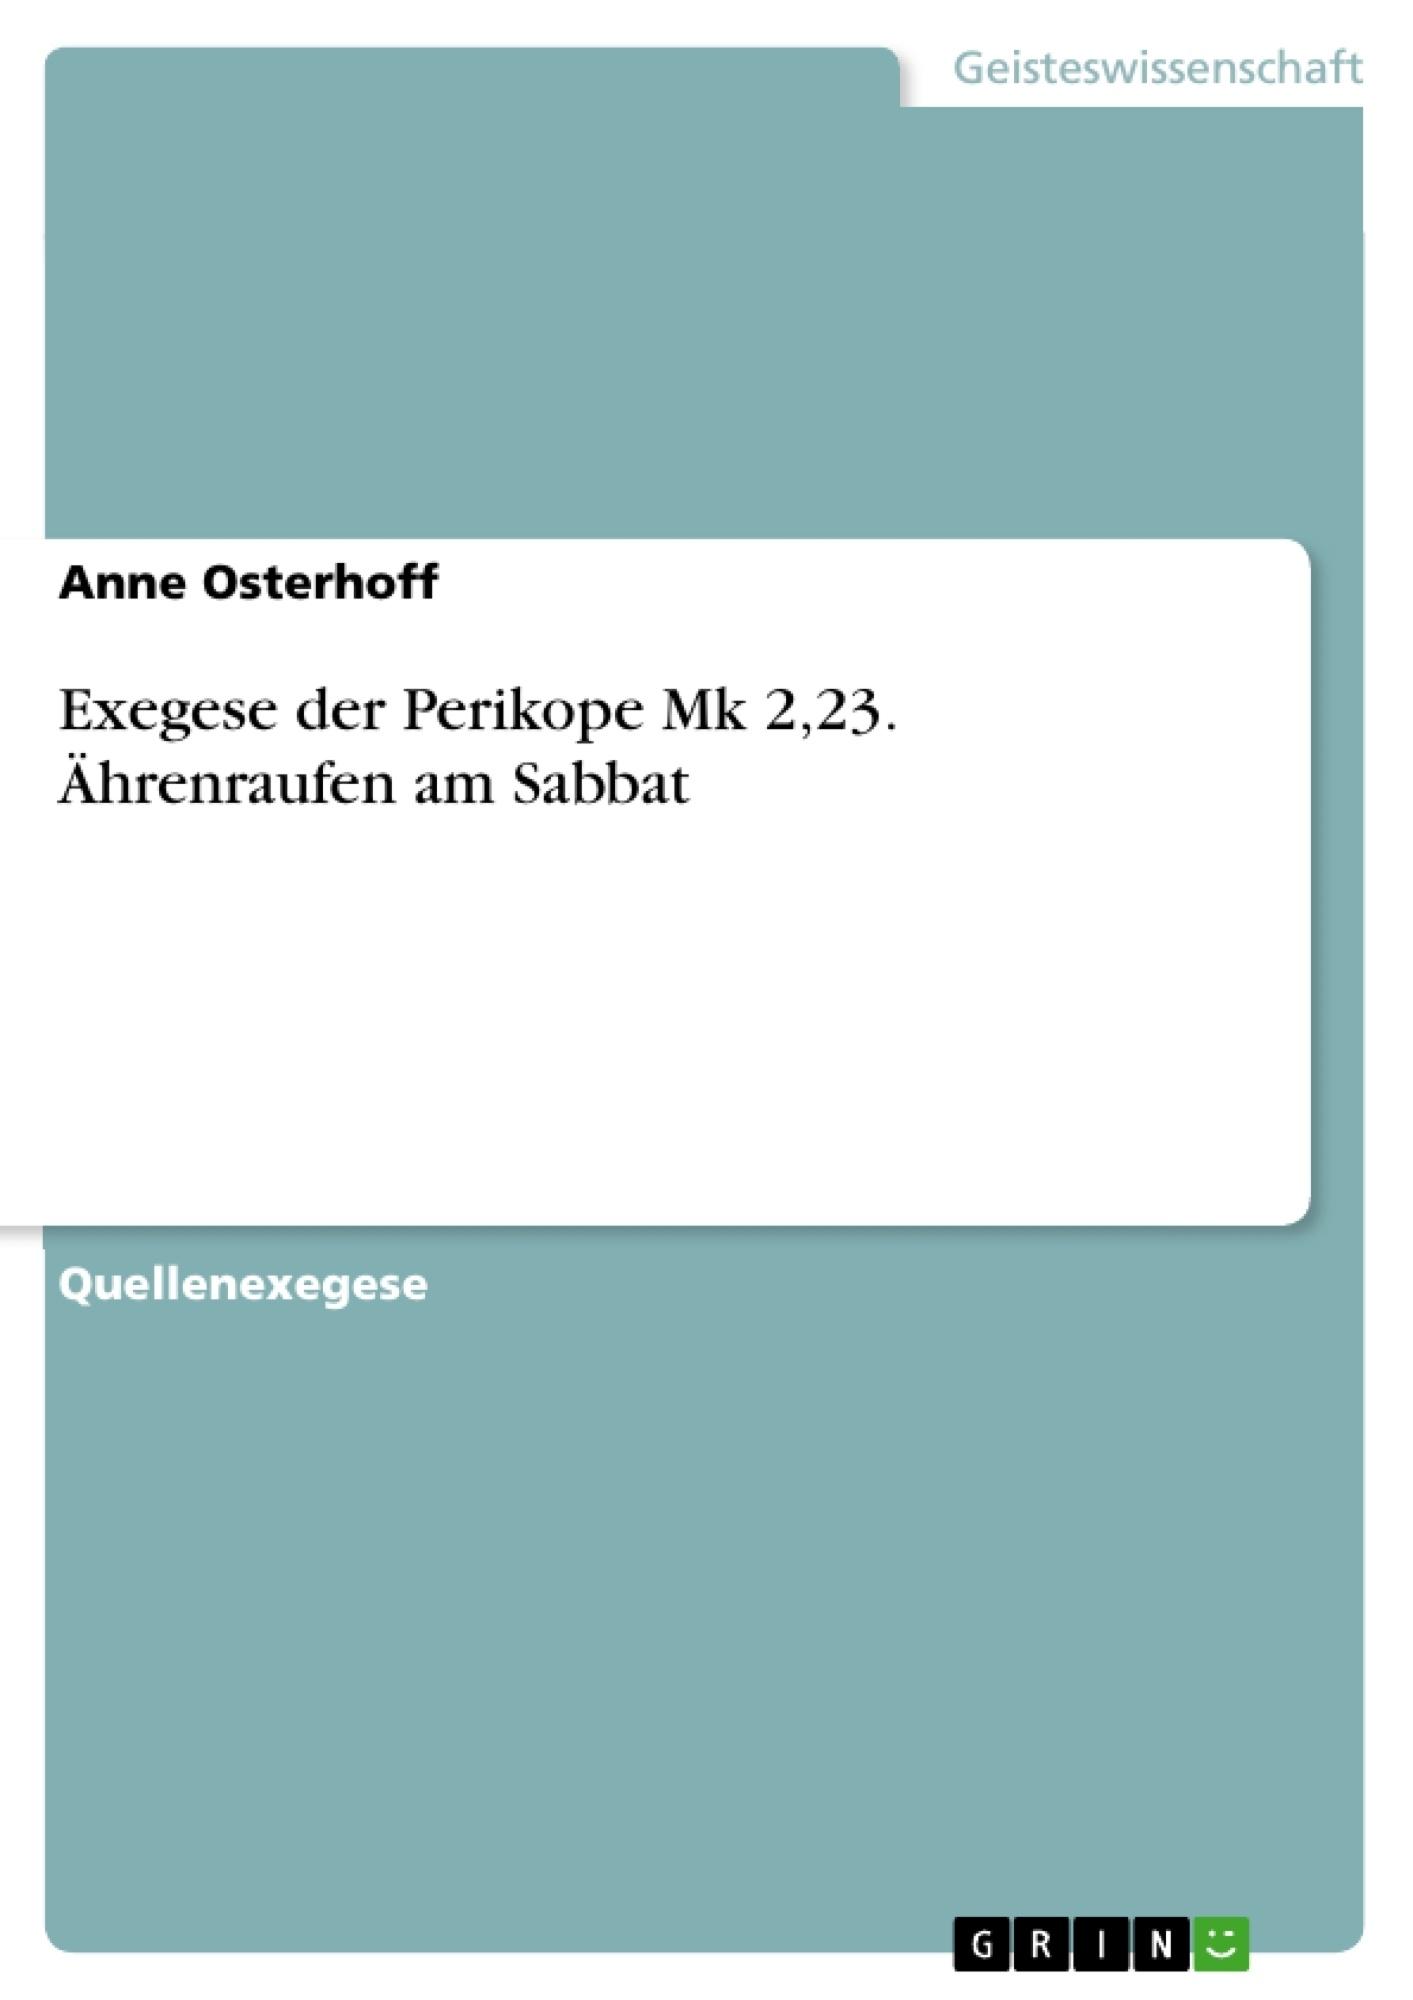 Titel: Exegese der Perikope Mk 2,23. Ährenraufen am Sabbat